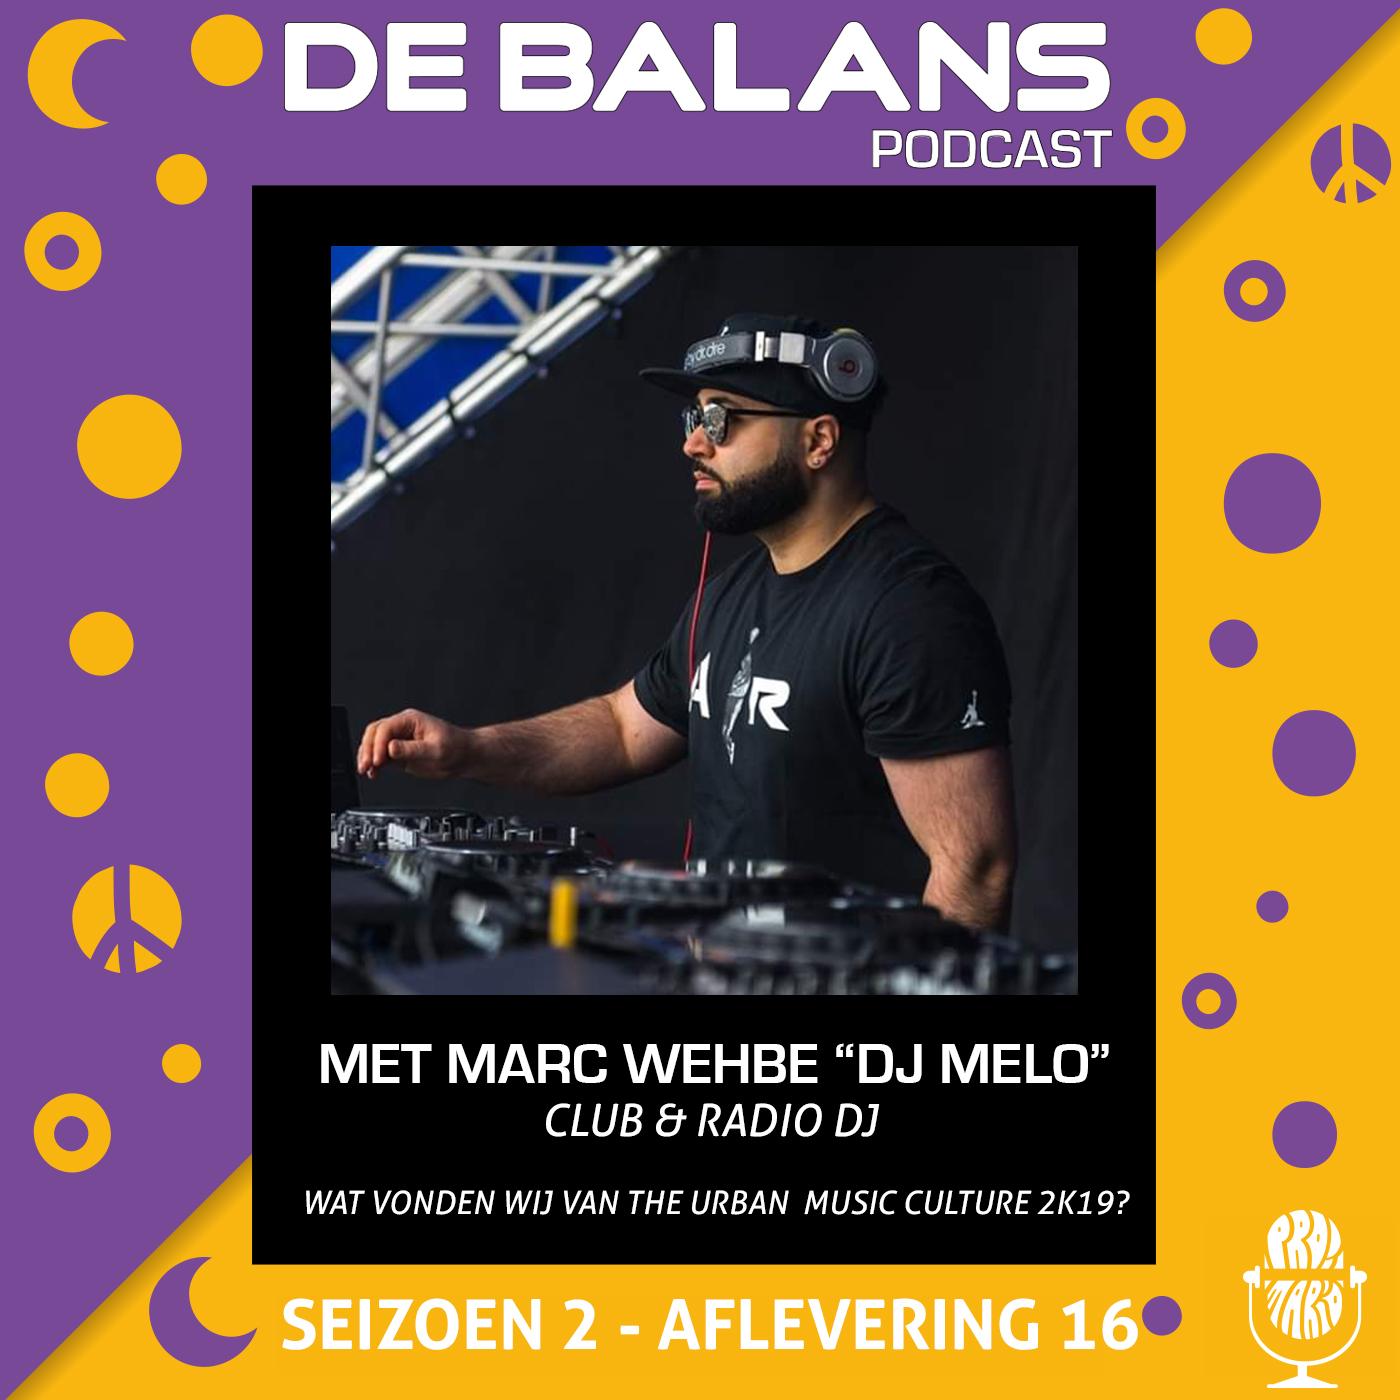 DE BALANS PODCAST – S02E16 LAATSTE AFLEVERING VAN SEIZOEN 2 MET DJ MELO TERUGBLIKKEN NAAR  HIPHOP/R&B/URBAN CULTURE 2019